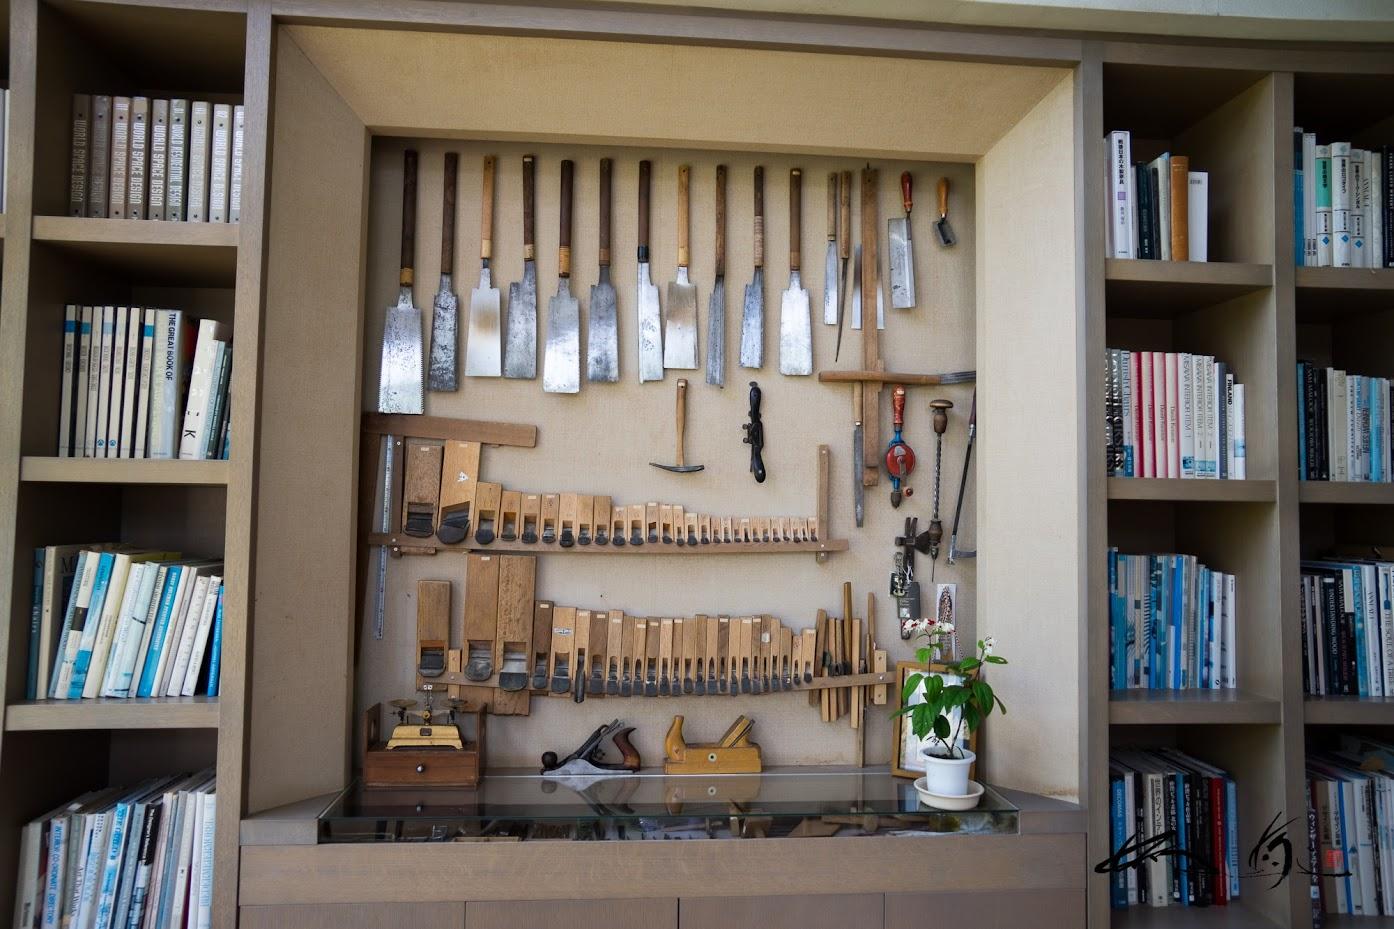 匠の技を生み出す道具たち